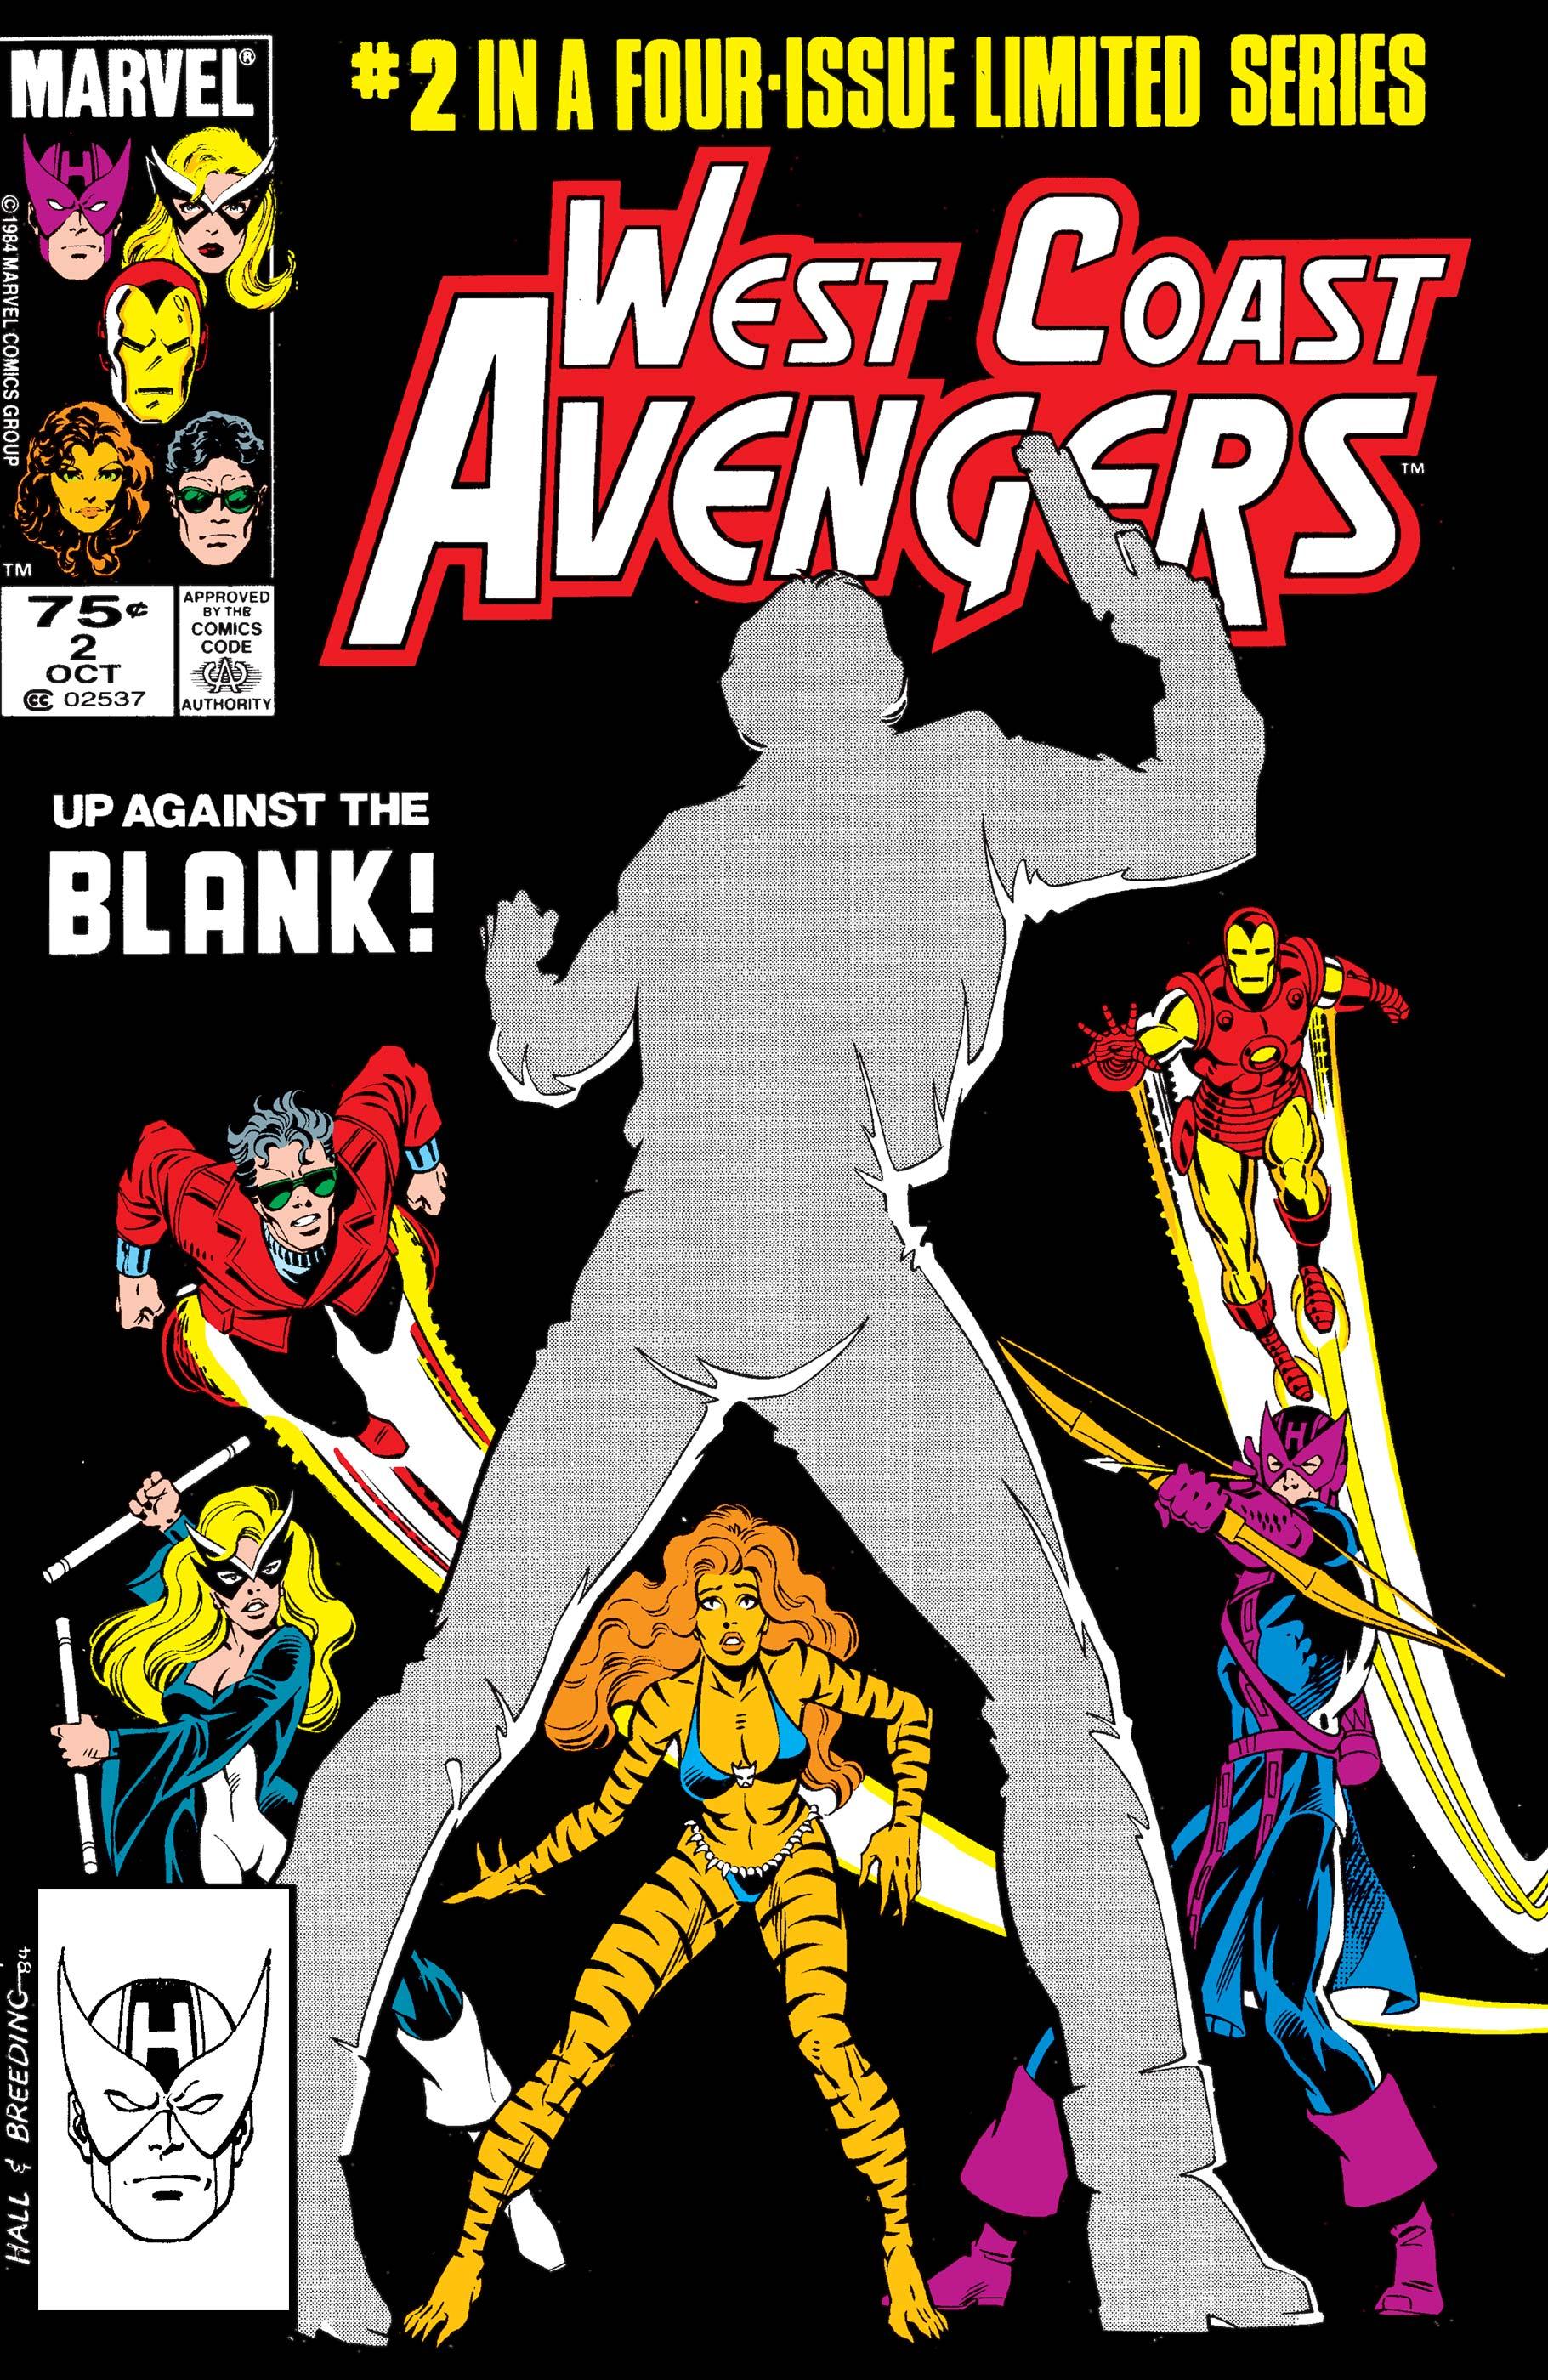 West Coast Avengers (1984) #2